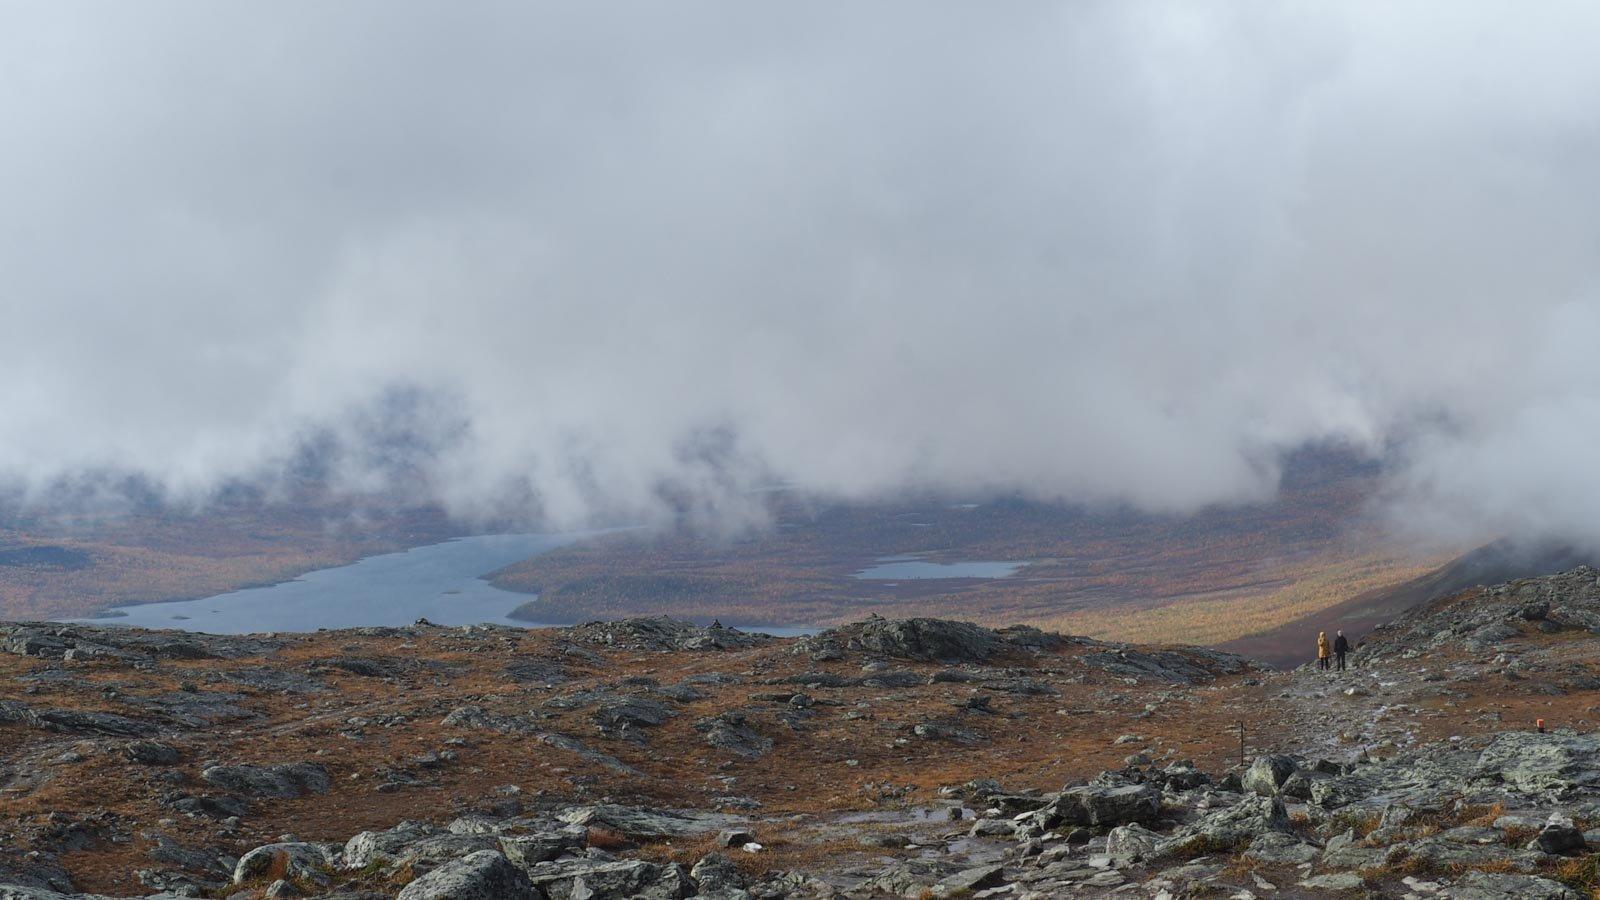 Näkymä Saanatunturin laelta: etualalla näkyy kivistä tunturin lakea, mutta matalalla roikkuvat pilvet peittävät näkymän laaksoon.